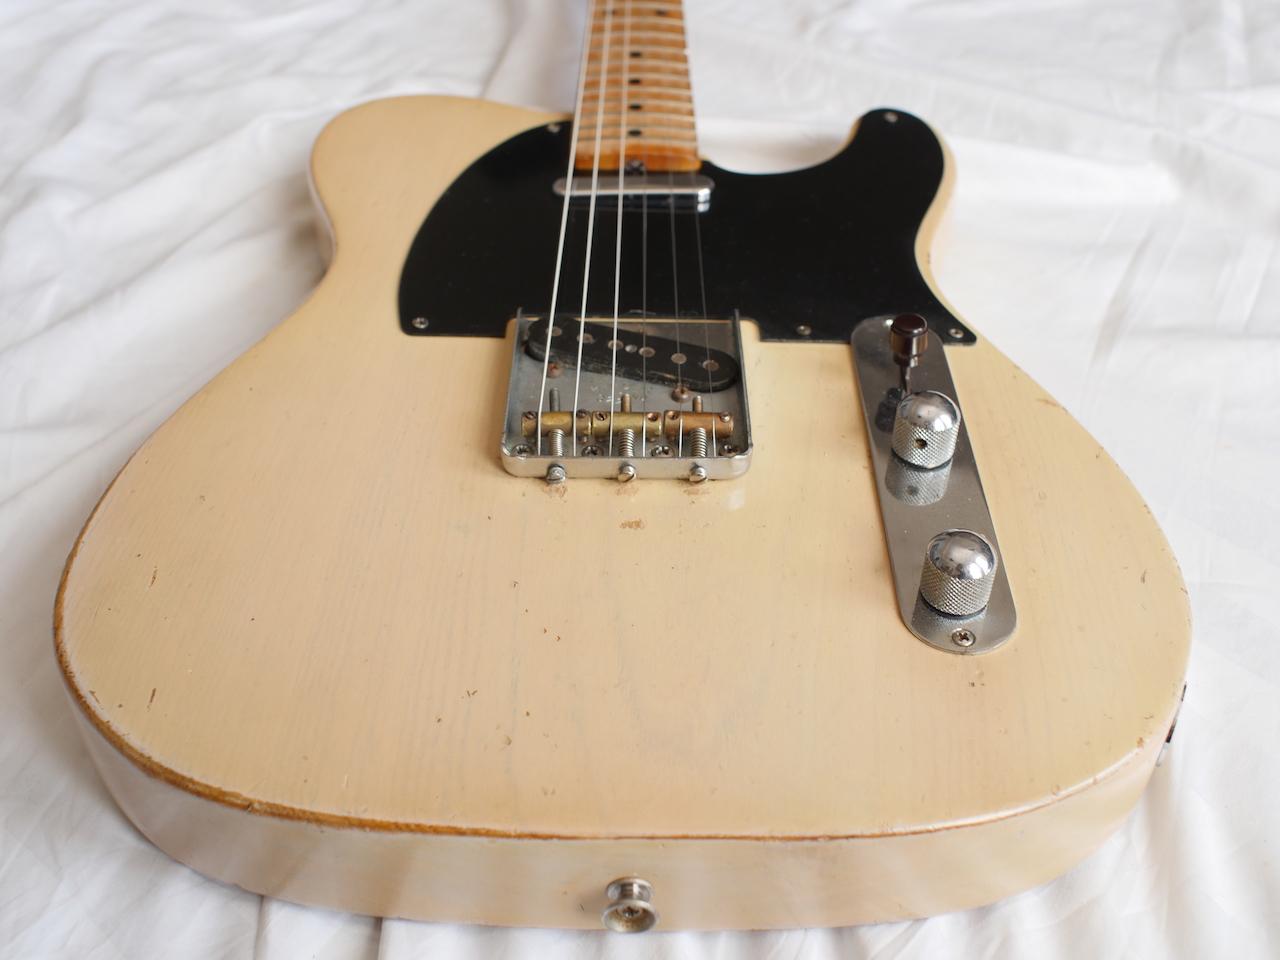 fender telecaster 1954 blonde guitar for sale atoyboy guitars. Black Bedroom Furniture Sets. Home Design Ideas